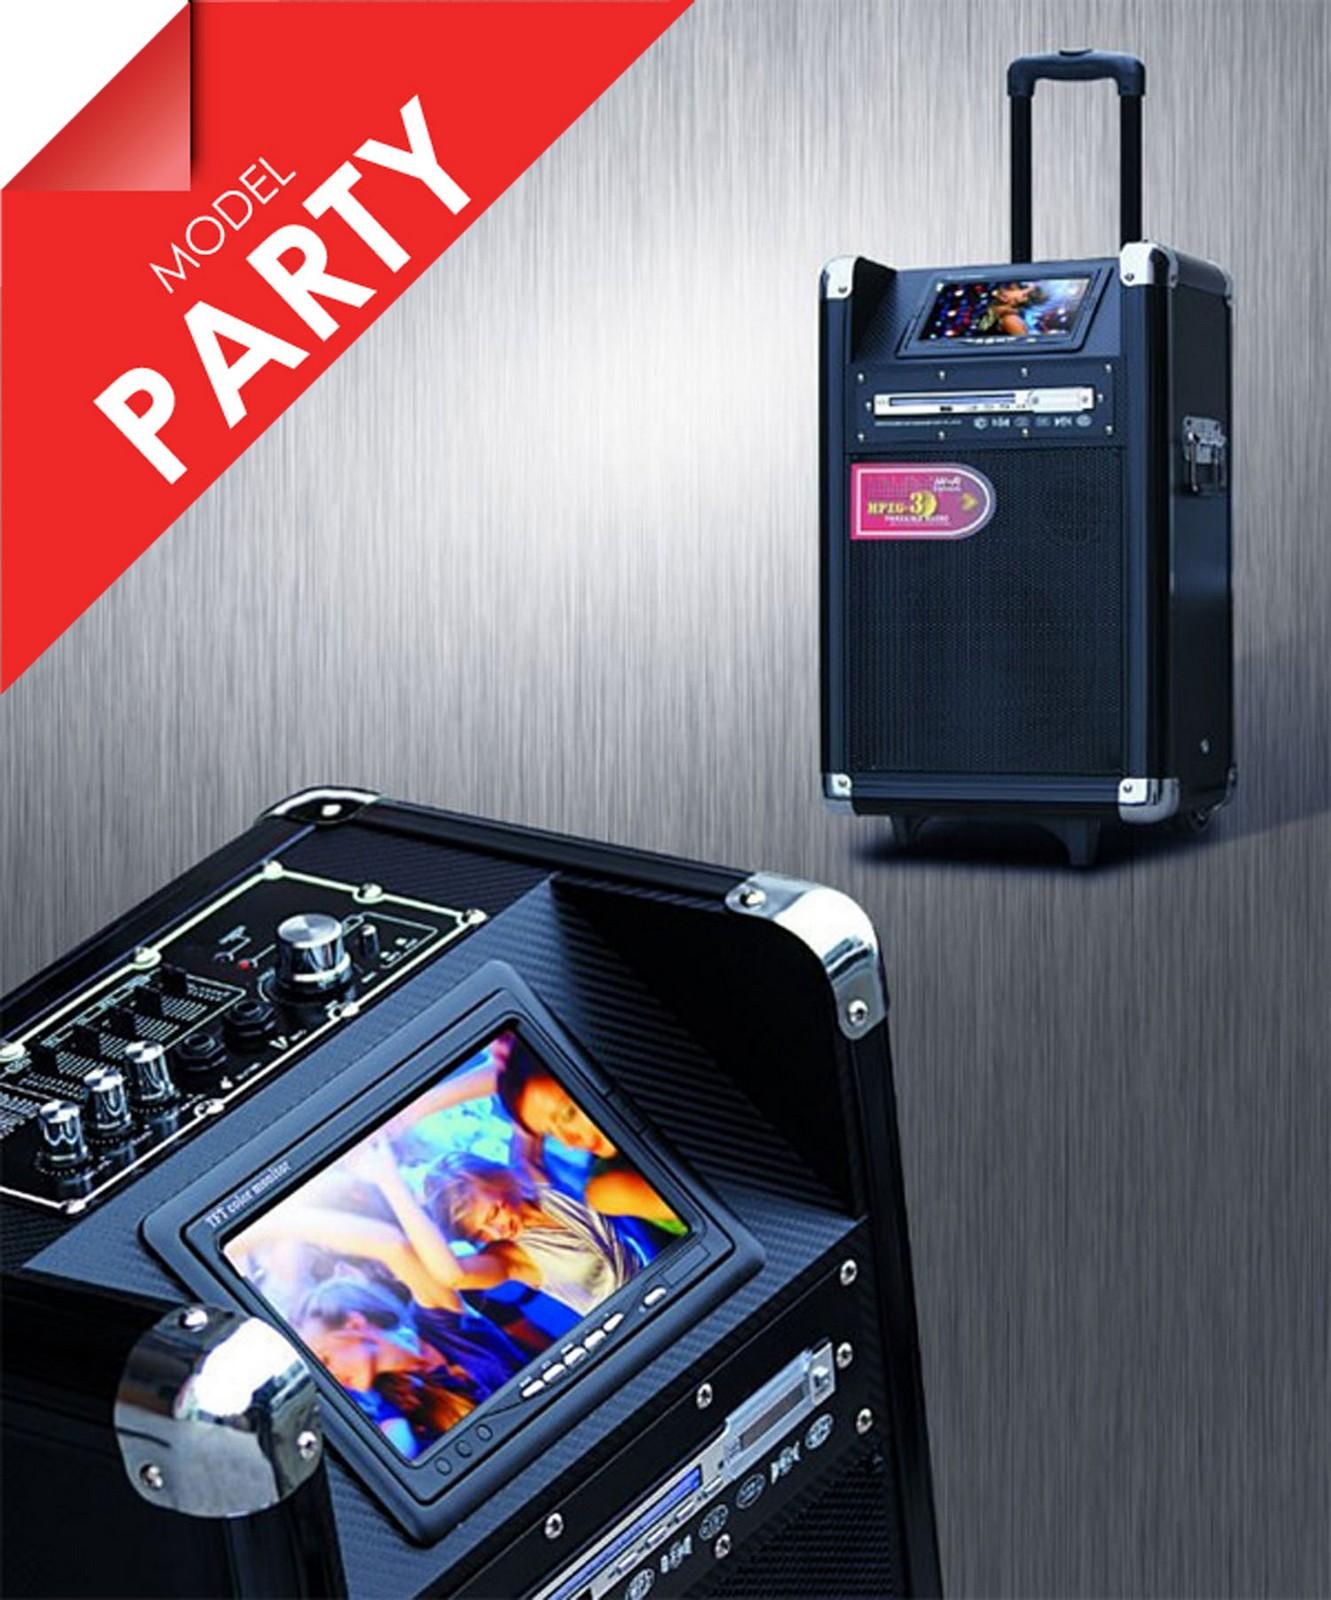 Stor luxus trolley digital højttaler m/ DVD skærm, trådløs mikrofon m.m - Stor luxus trolley digital højttaler m/ DVD skærm, bluetooth og trådløs mikrofon samt mulighed for 2 ekstra mikrofoner og elektrisk guitar med separat volume på hver. Super til sang til festlige lejligheder. Bemærk: Dette er en modellen PARTY....